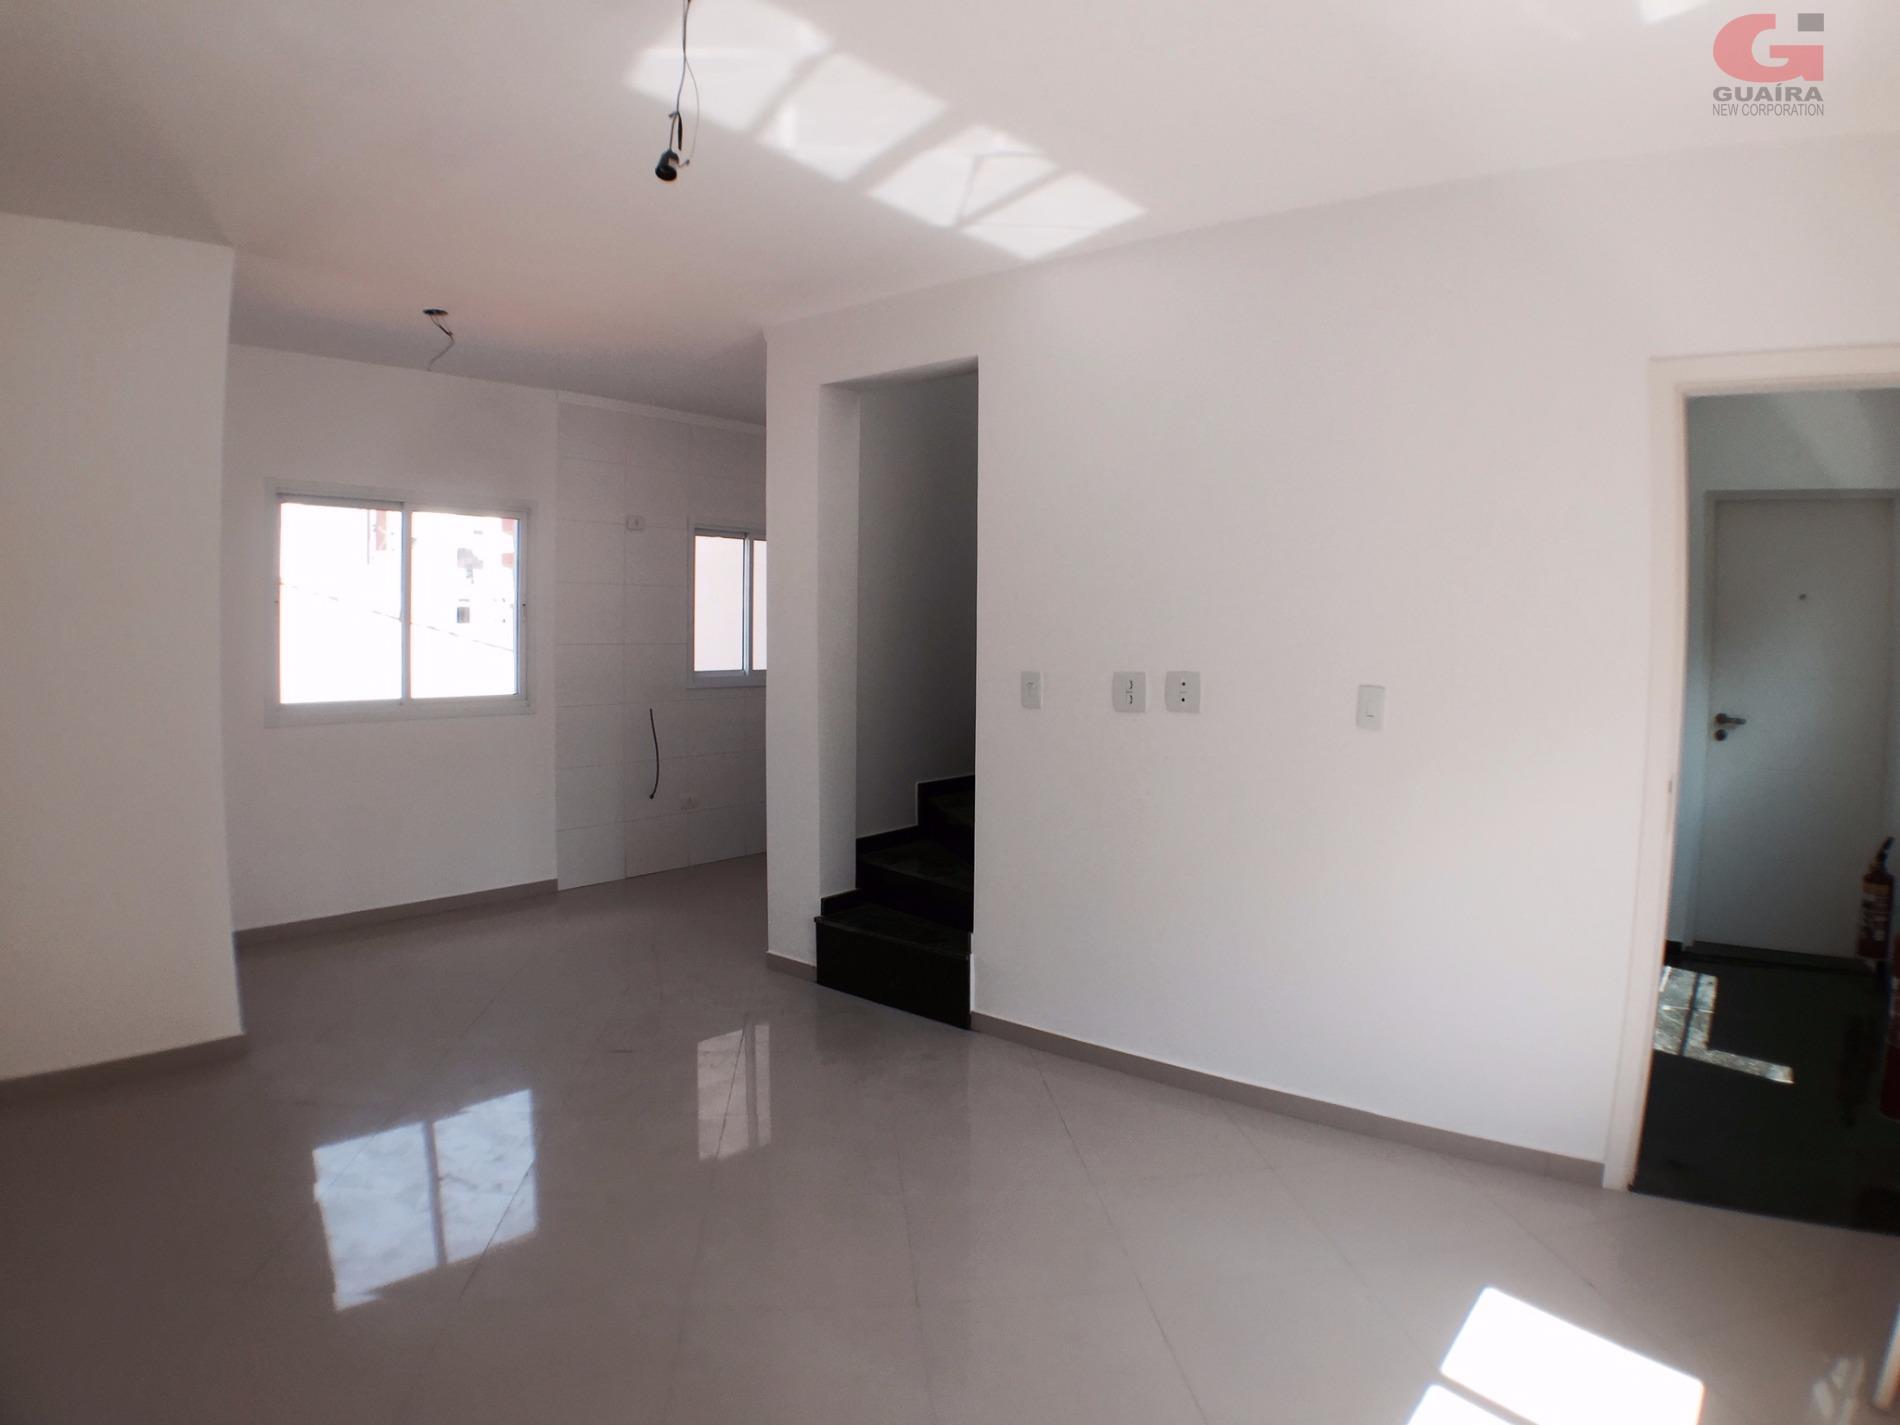 Cobertura de 3 dormitórios à venda em Vila Bastos, Santo André - SP